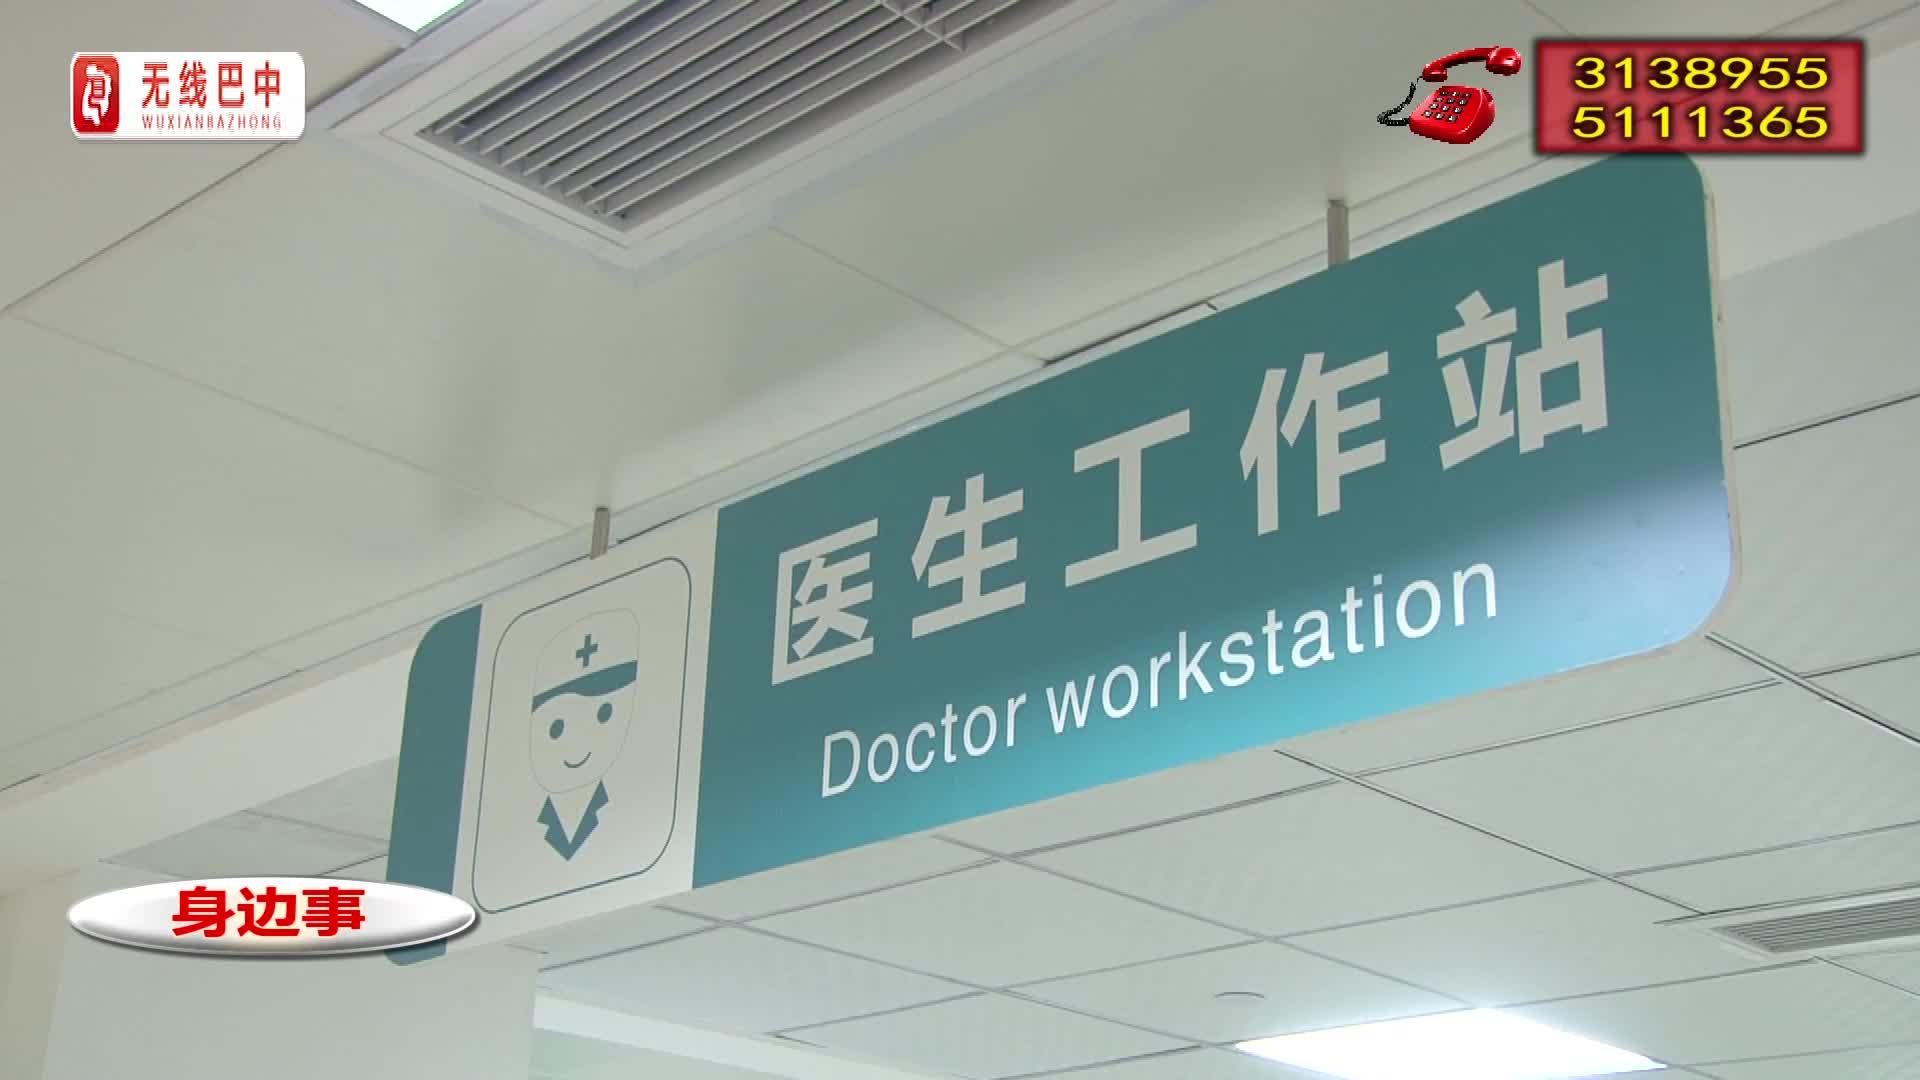 福音! 巴中市中心医院南坝院区正式运行